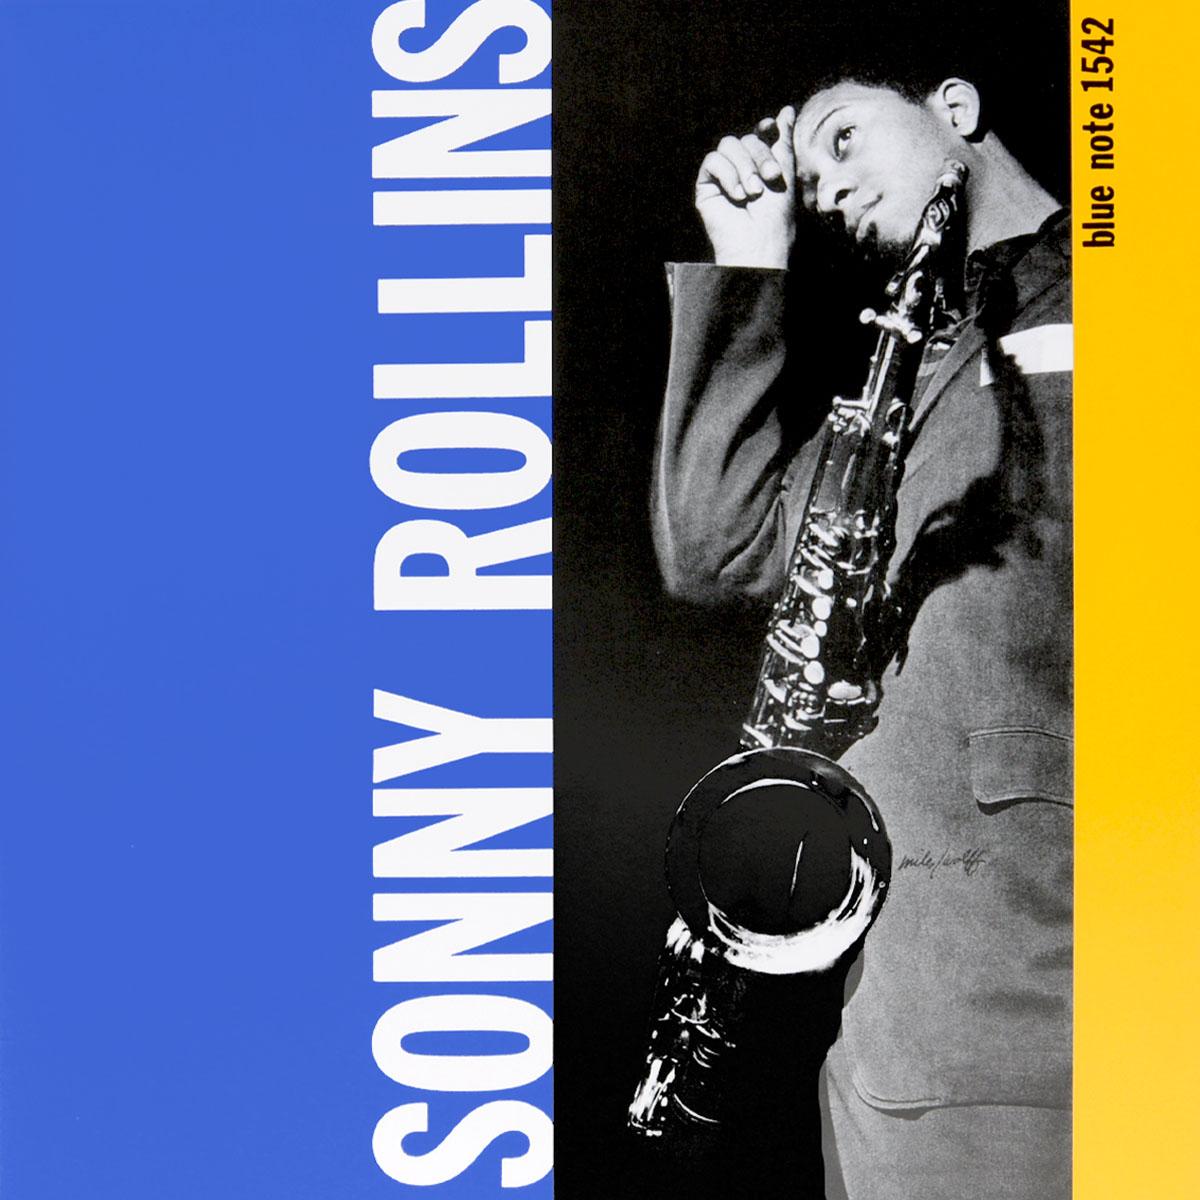 Сонни Роллинз Sonny Rollins. Volume 1 (LP) сонни роллинз орнэт коулмен рой харгрув джим холл рассел мэлоун sonny rollins road shows vol 2